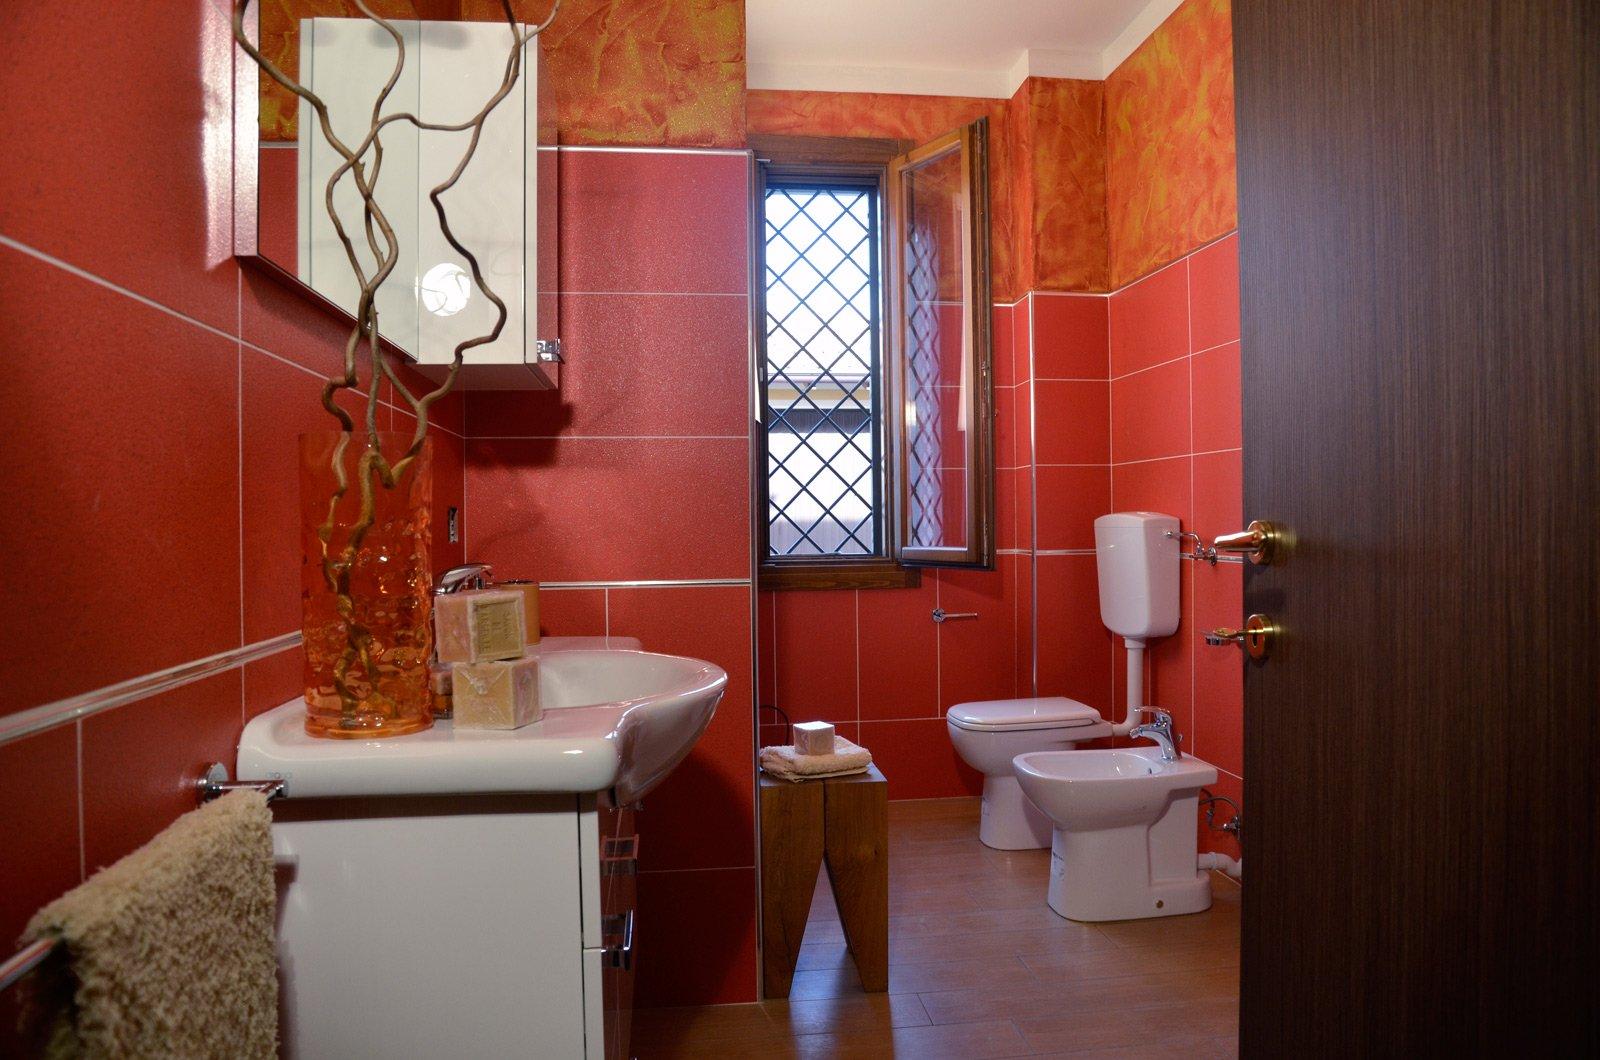 Pareti decorate una comunit online per trovare spunti e - Tecnica per decorare pareti ...